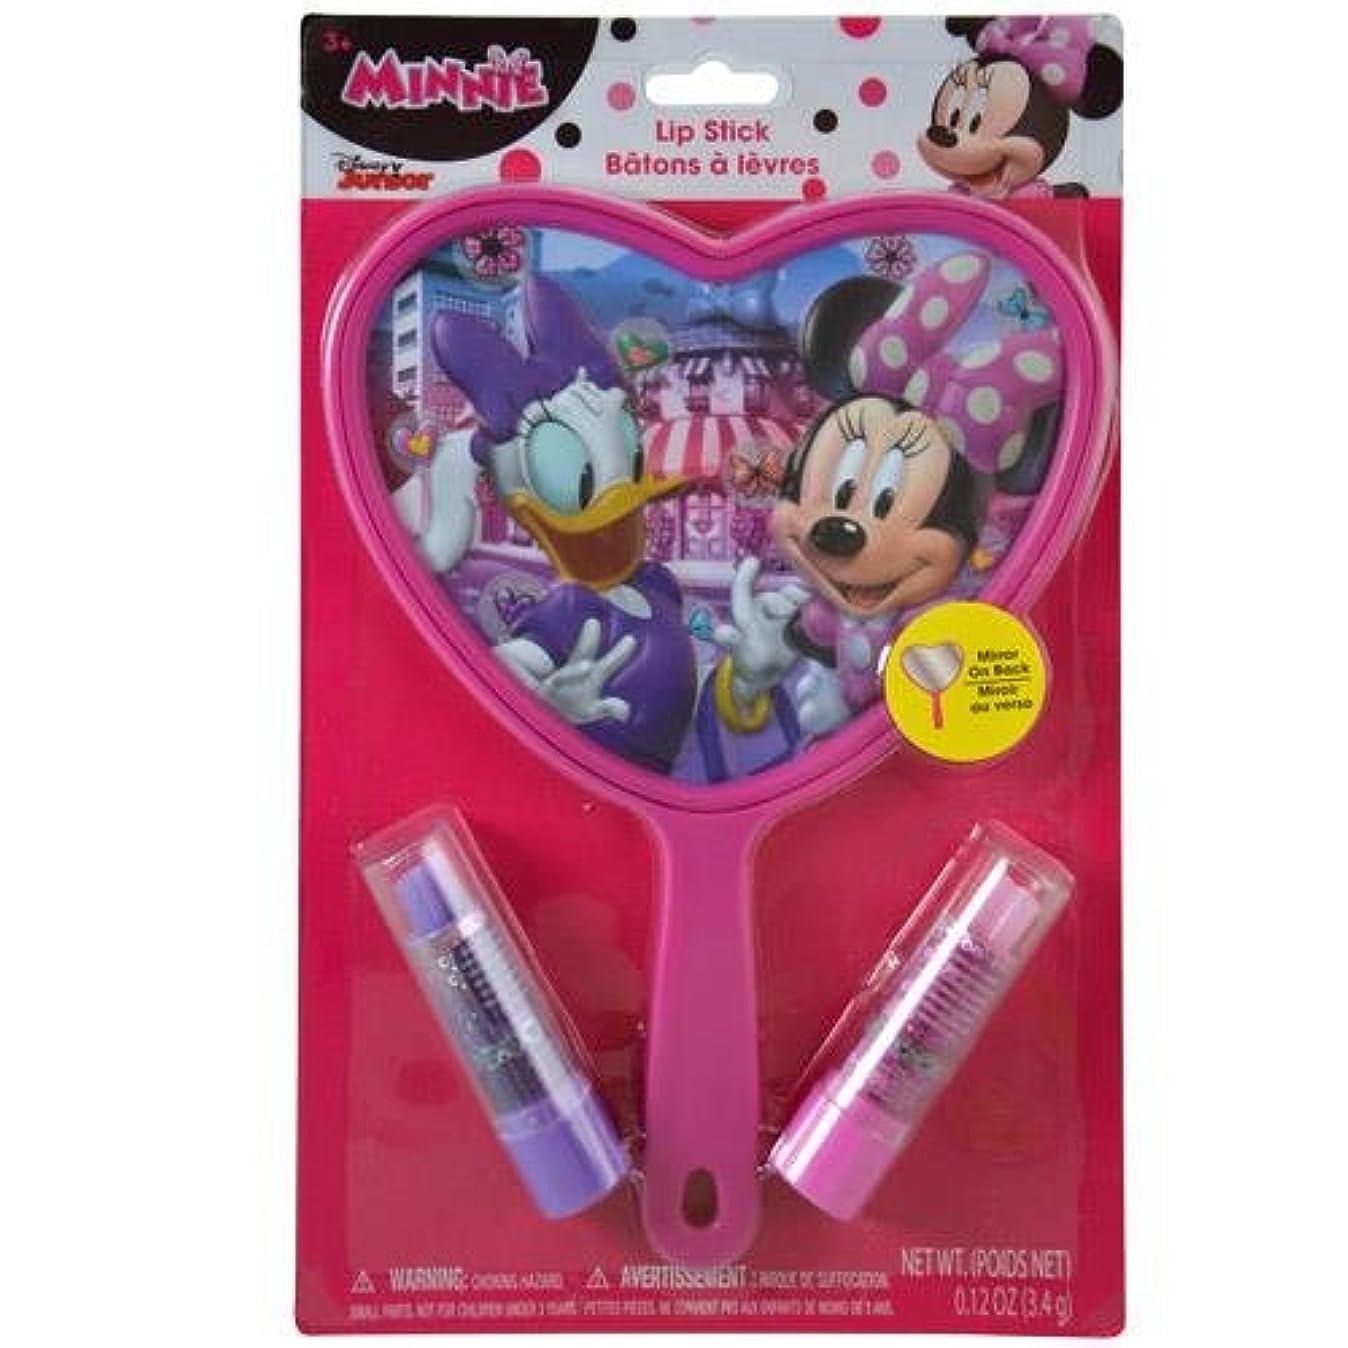 時々時々シート汗子供会 景品 ミニーマウス ミラー&リップクリーム ミニー Disney メイク メイク ハンドミラー リップ 手鏡 おもちゃ おしゃれ プレゼント ギフト 輸入品 12692*【即日?翌日発送】